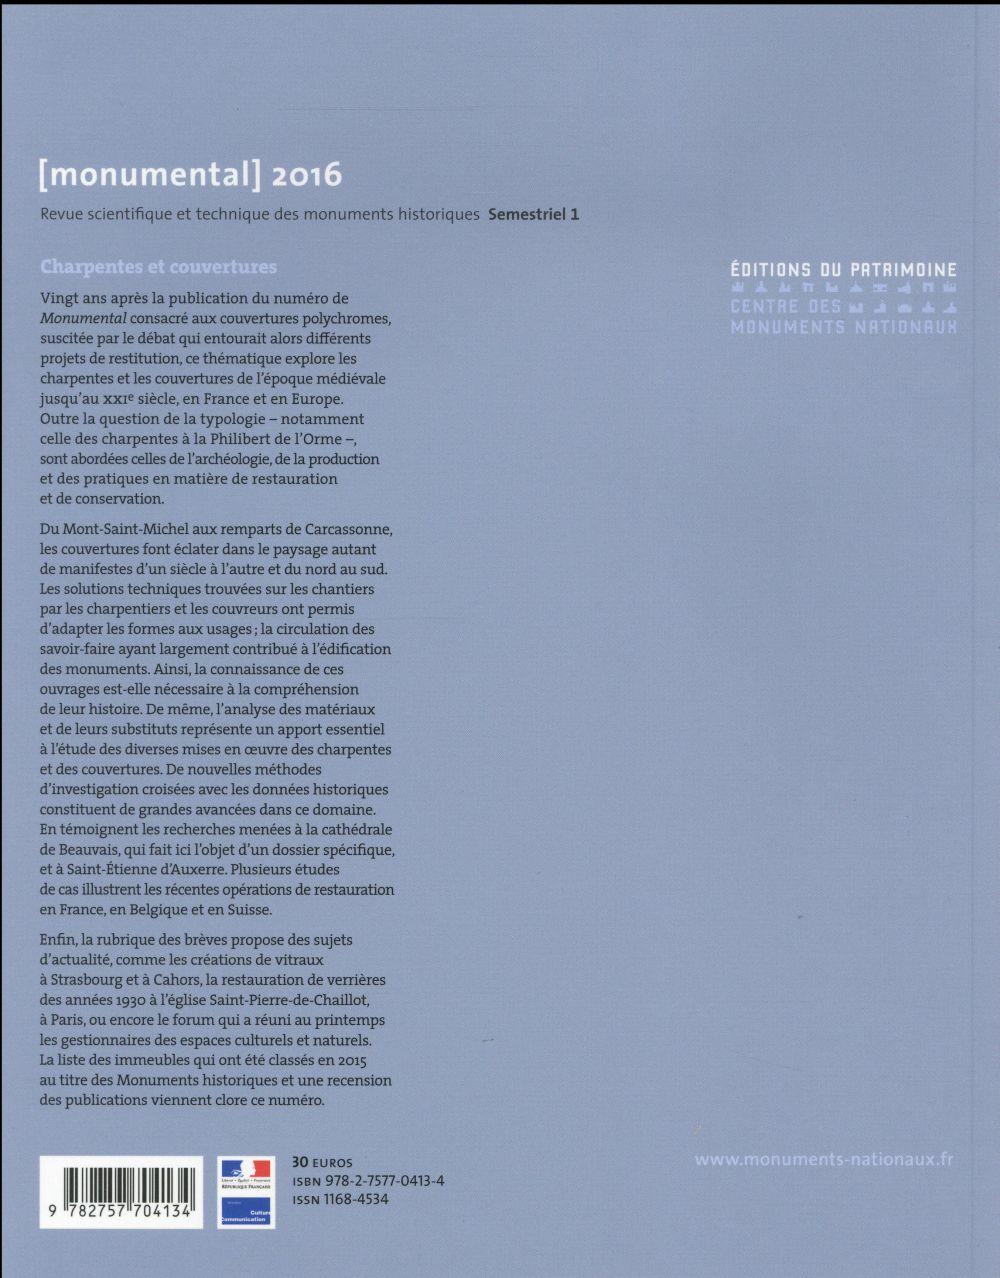 MONUMENTAL n.2016/1 ; charpentes et couvertures